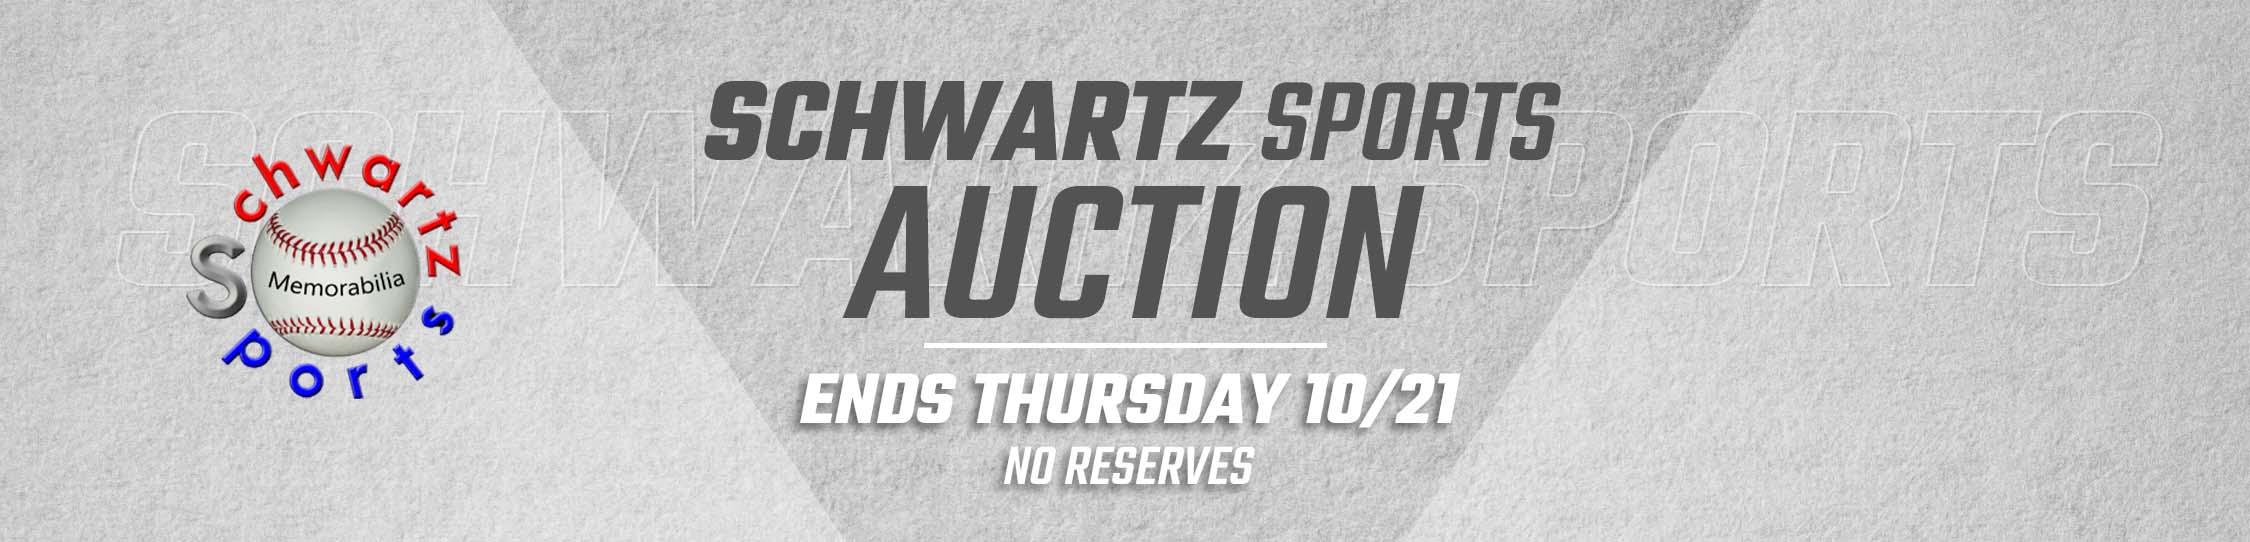 Schwartz Sports